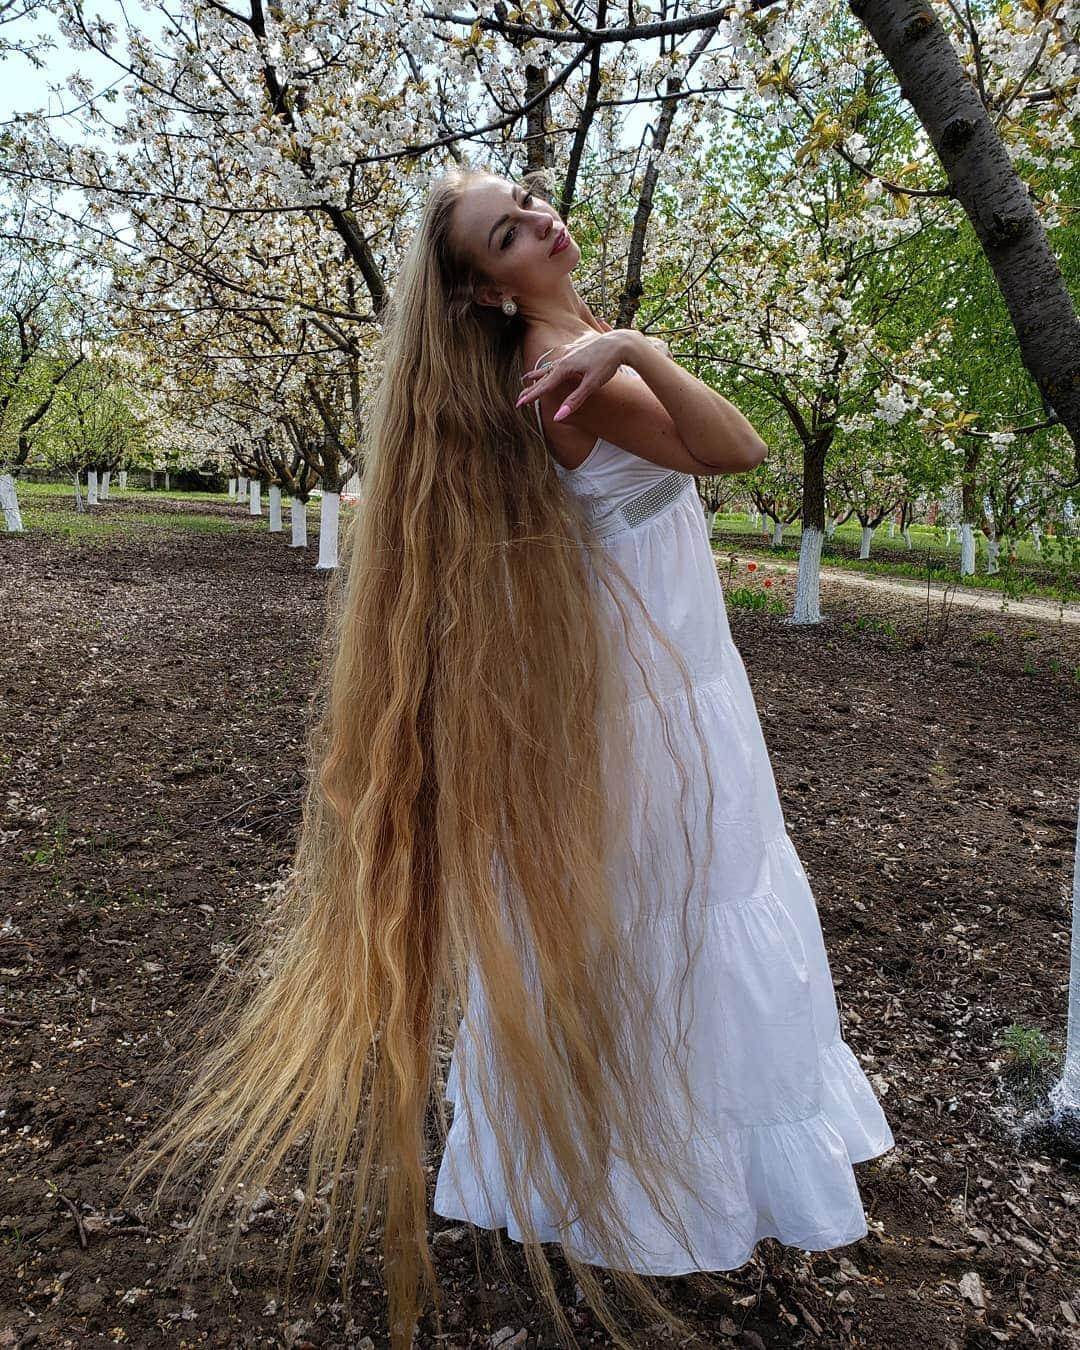 1577108216 ee02db8ce890d2369ecd323882b643b3 - Украинка отрастила волосы длиной в 1.8 метра и рассказала, как живётся Рапунцель в современном мире